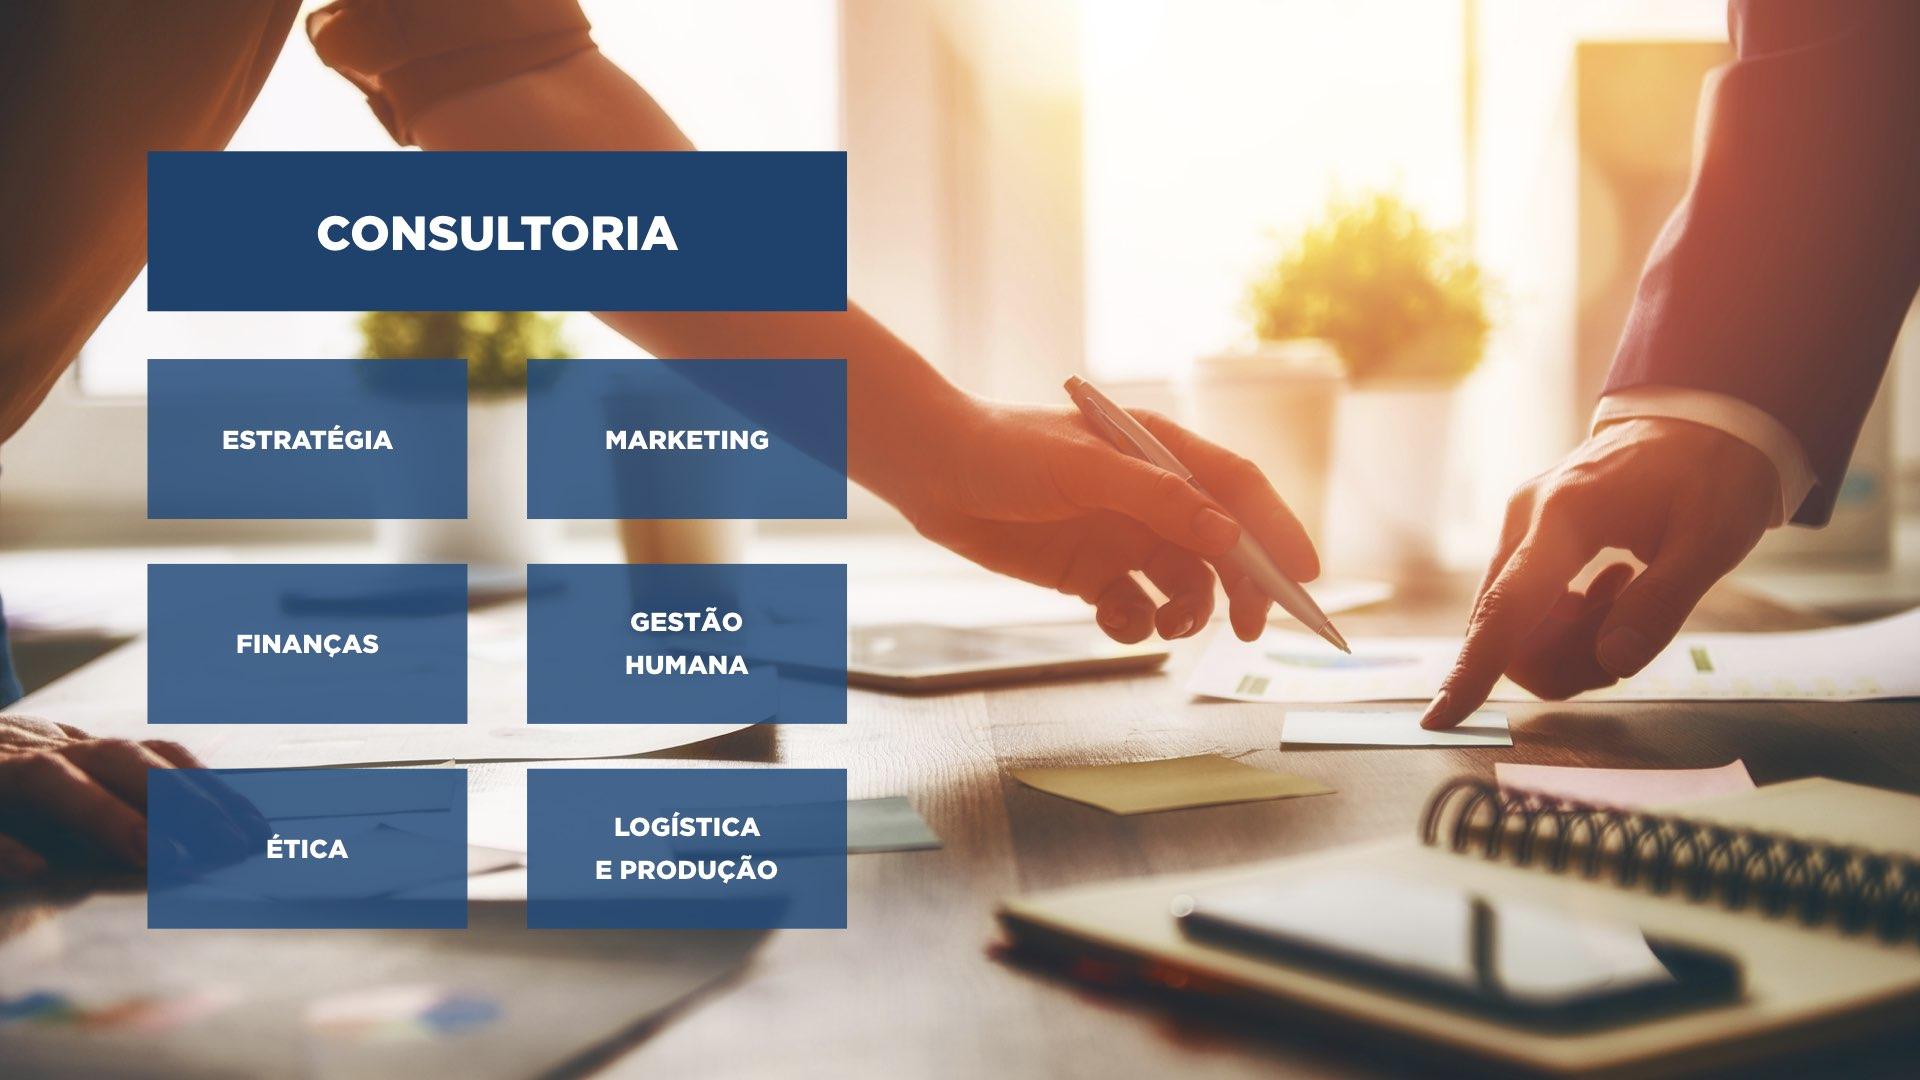 L-apres ACIB Consultoria CURTA - portfolio jun2016.005.jpeg